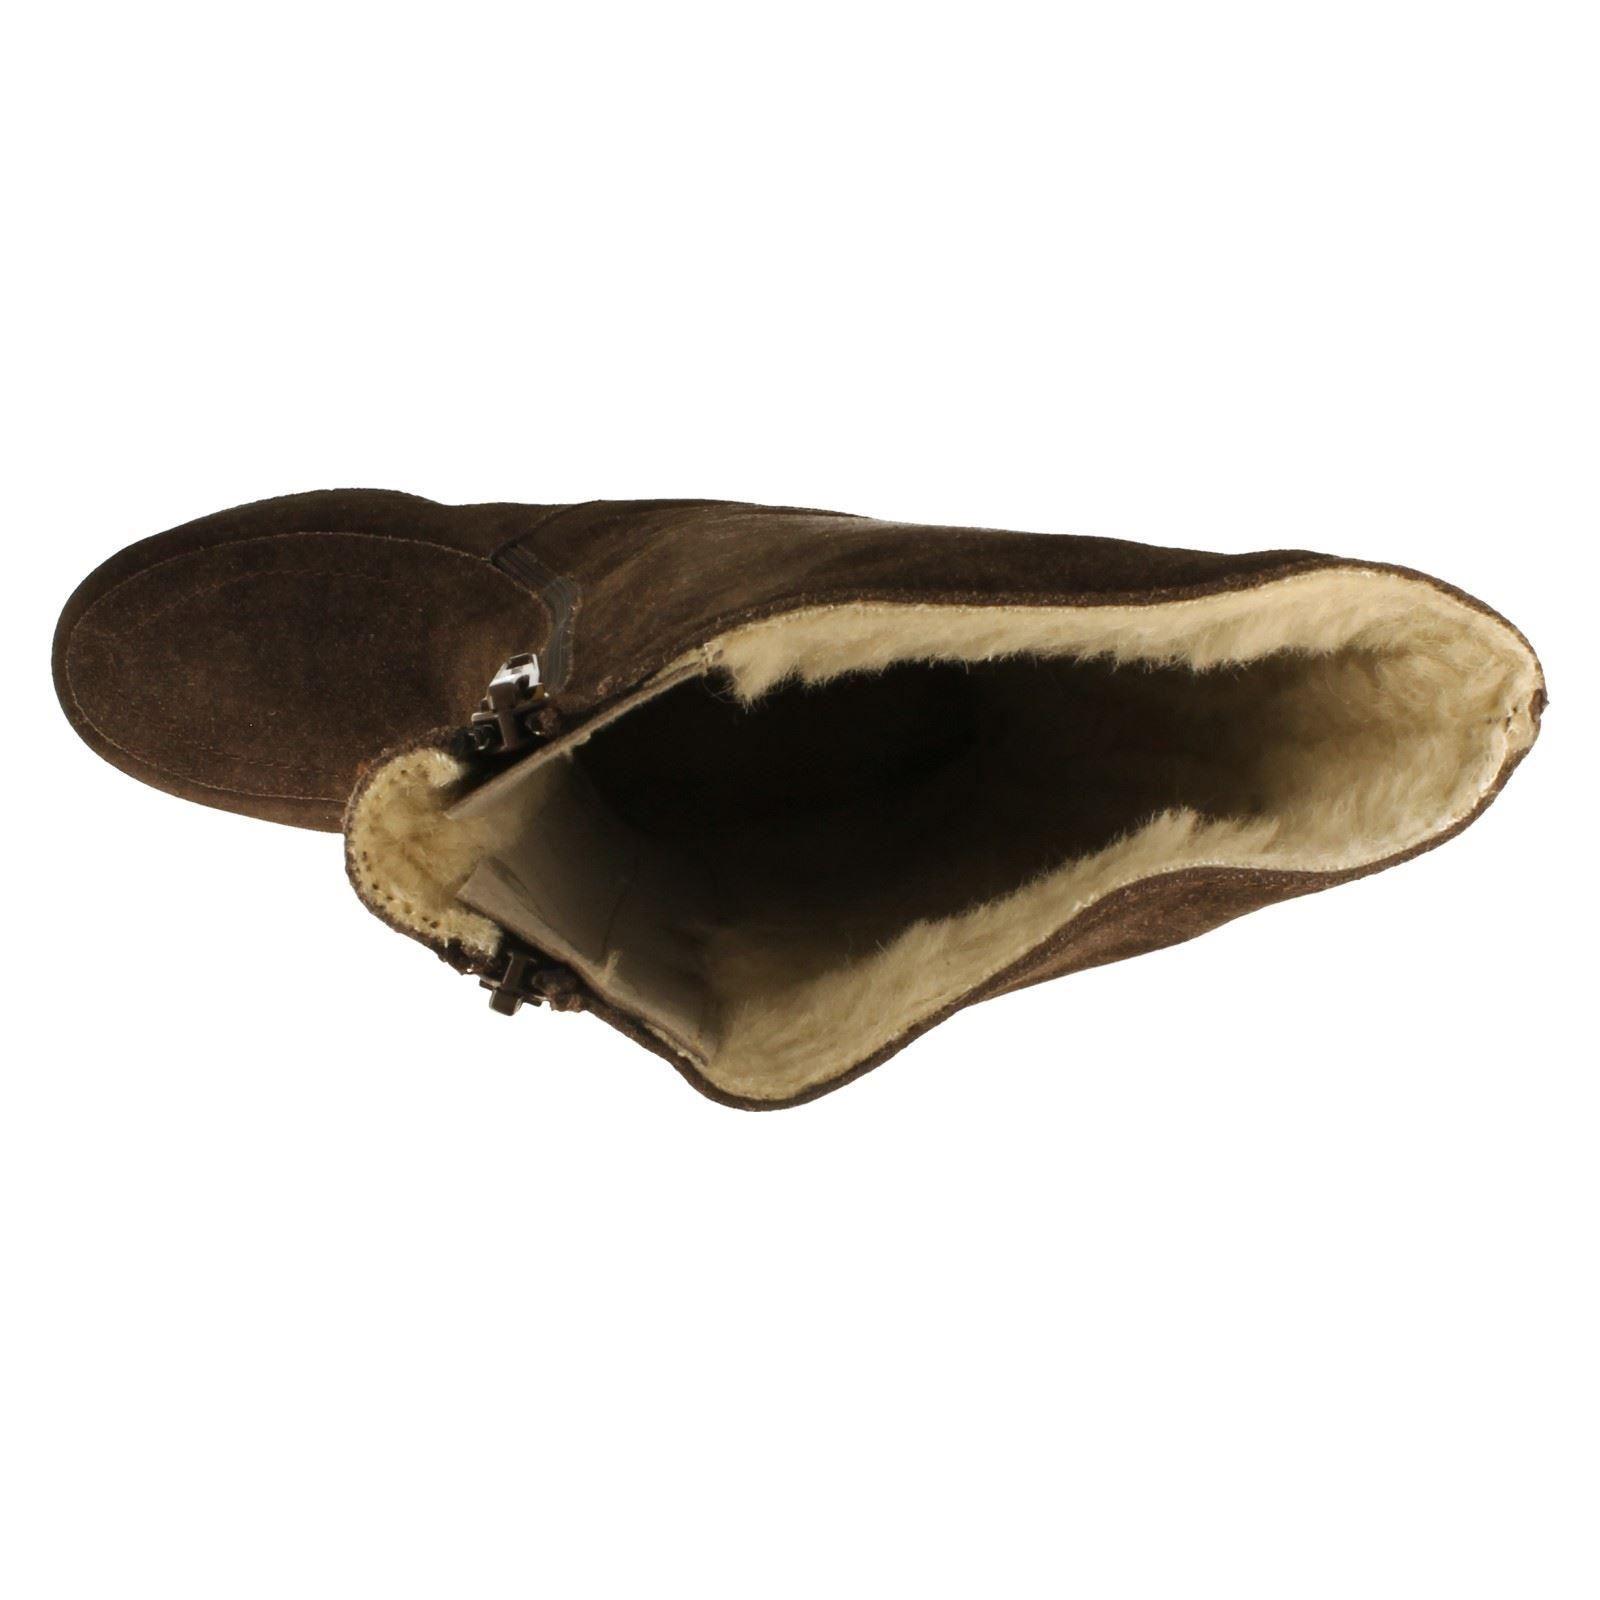 Señoras doble cálidas botas Draper forrado de doble Señoras cremallera estilo Sheepskins-W 880cc0